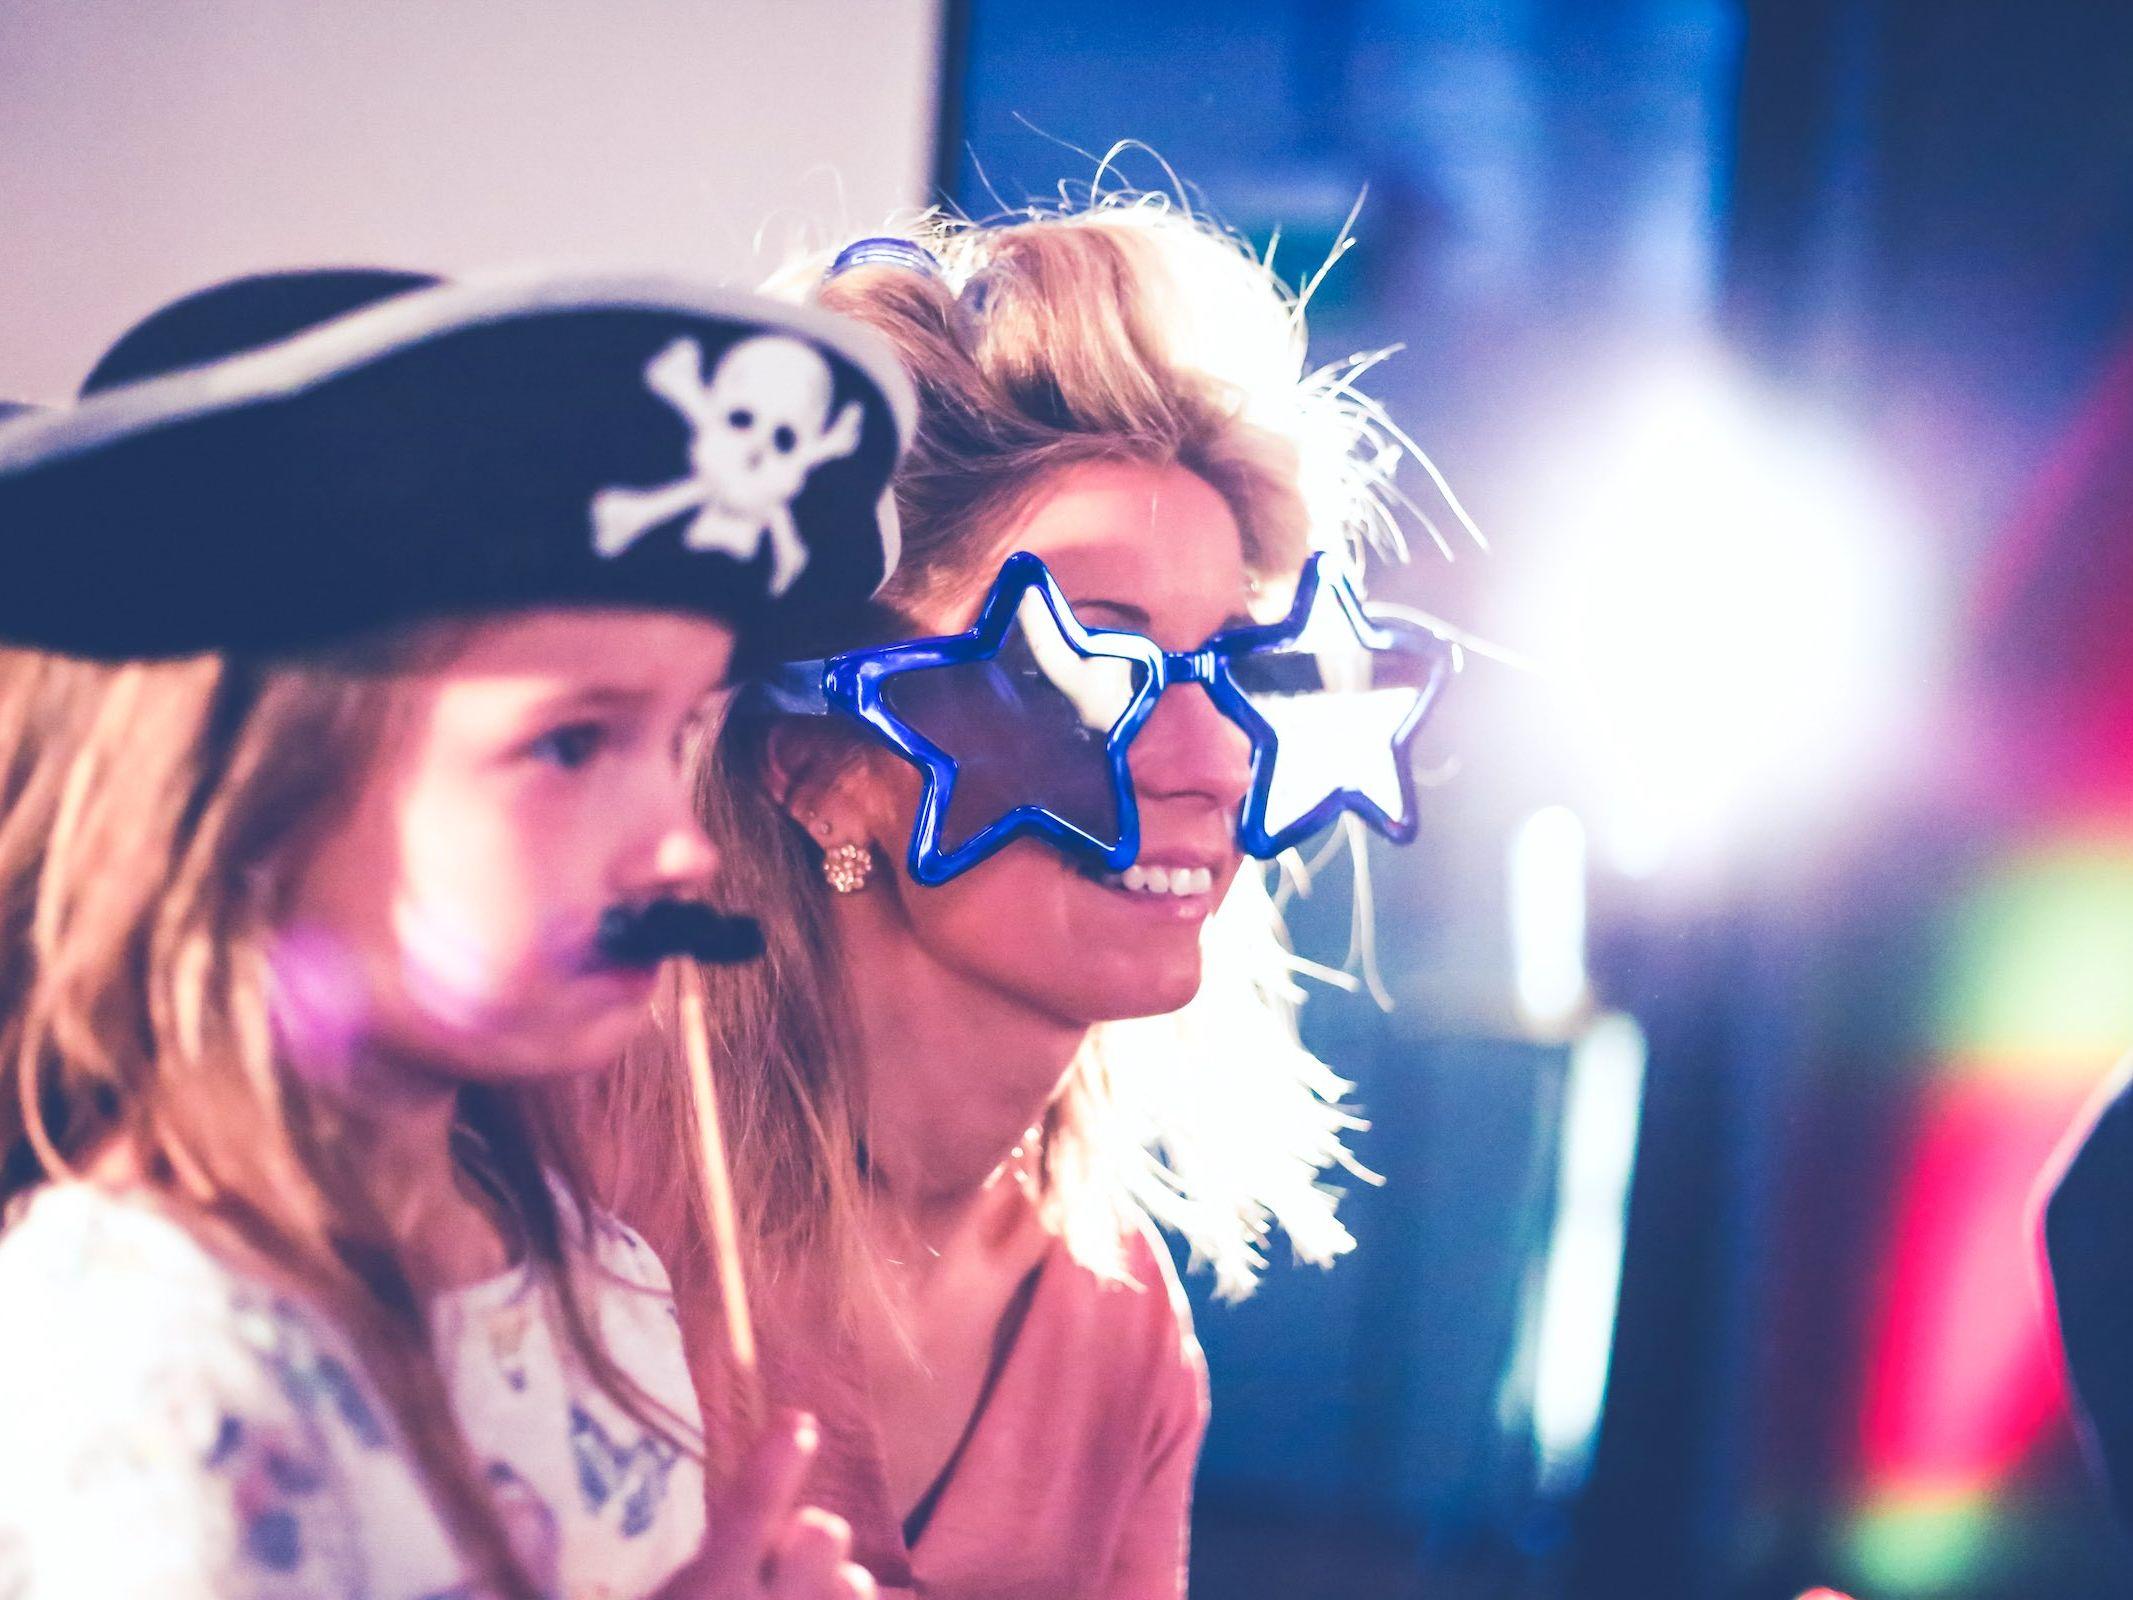 Photobooth | Mieten | Hannover | Druck | Ausdruck | Sofortdruck | Fotokiste | Photobooth | Hochzeit | Messe | Event | Firmenfeier | Abiball | Buchen | Anfragen | Mieten | Fotoglotze | Lehmann | Eventservice